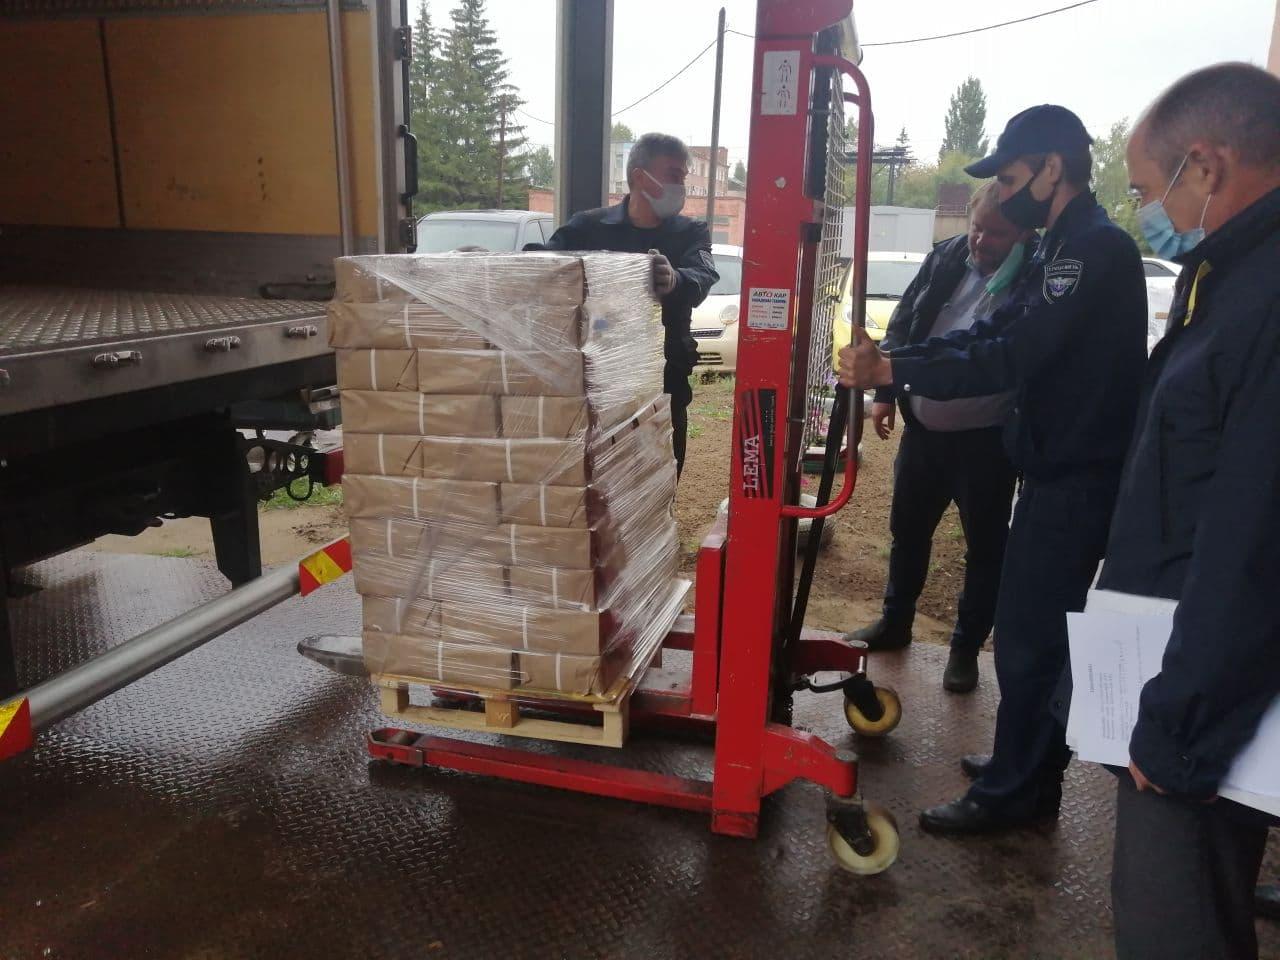 На омские избирательные участки отправили 16 тонн бюллетеней #Омск #Общество #Сегодня